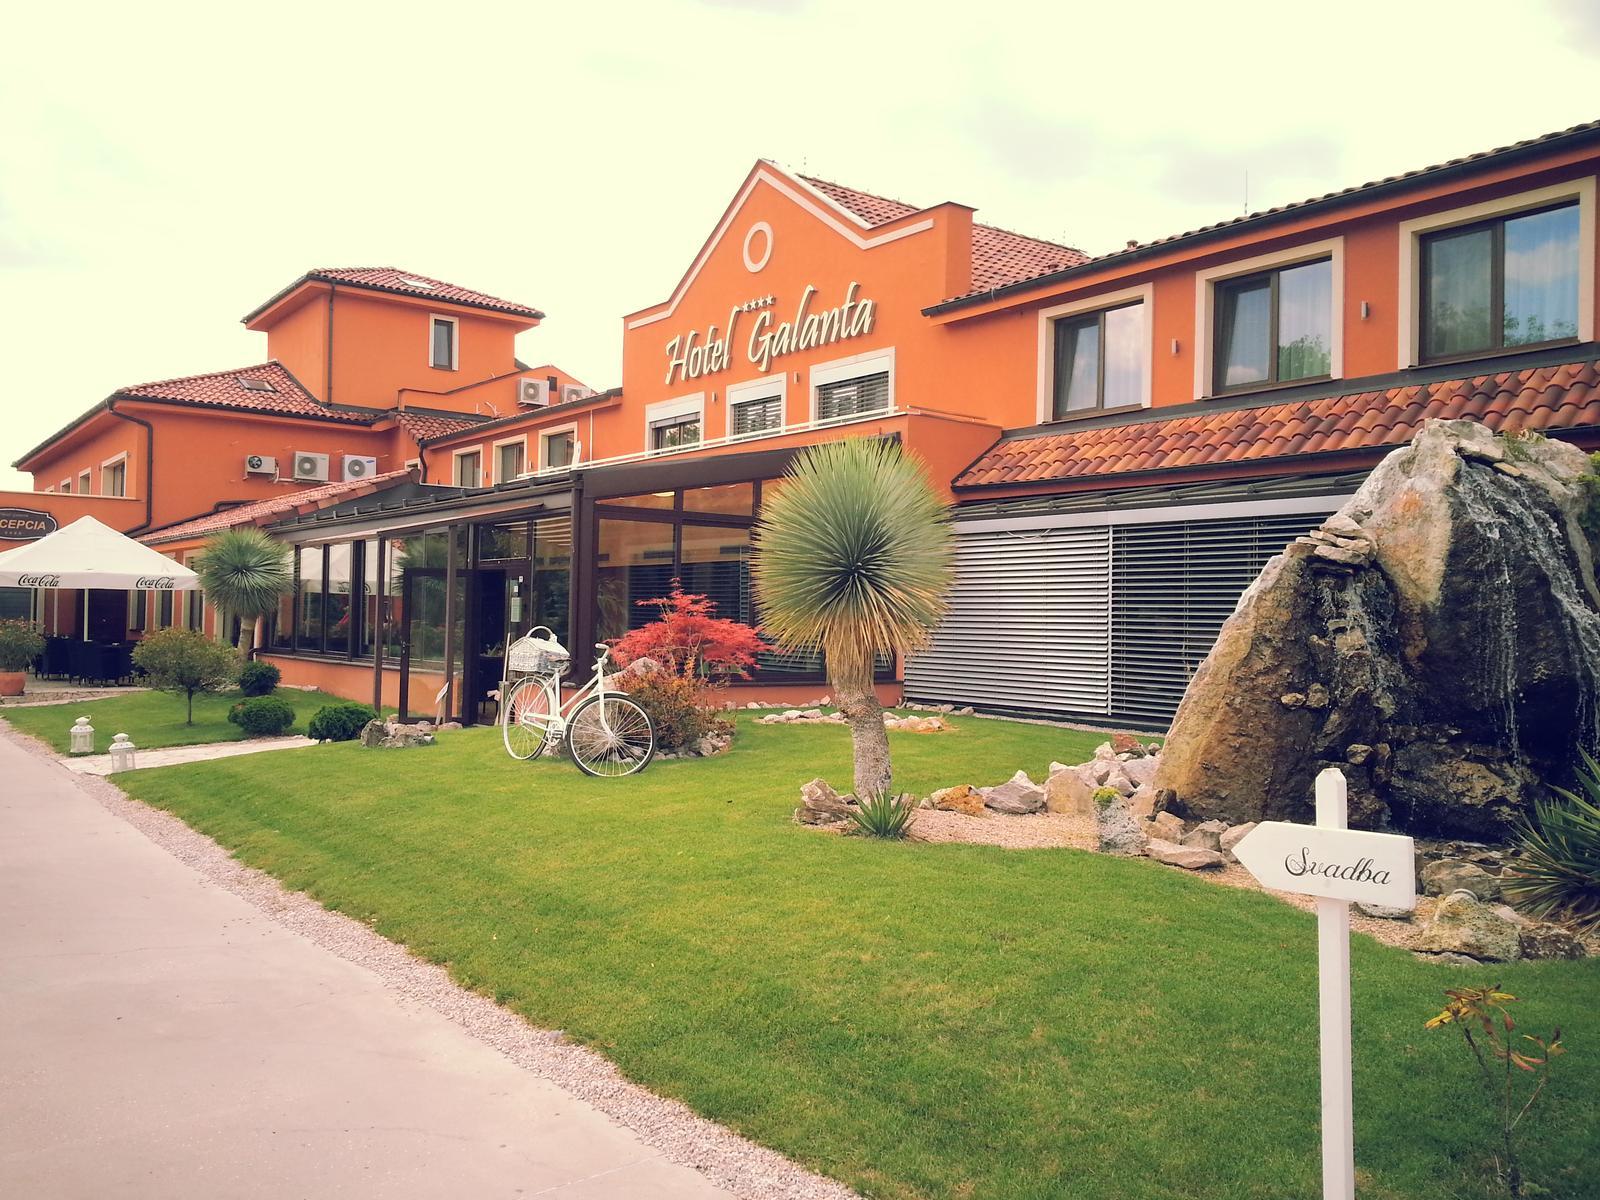 dj_erni - Hotel Galanta - Simona a Braňo, júlová svadba s milou dvojicou a skvelými hosťami